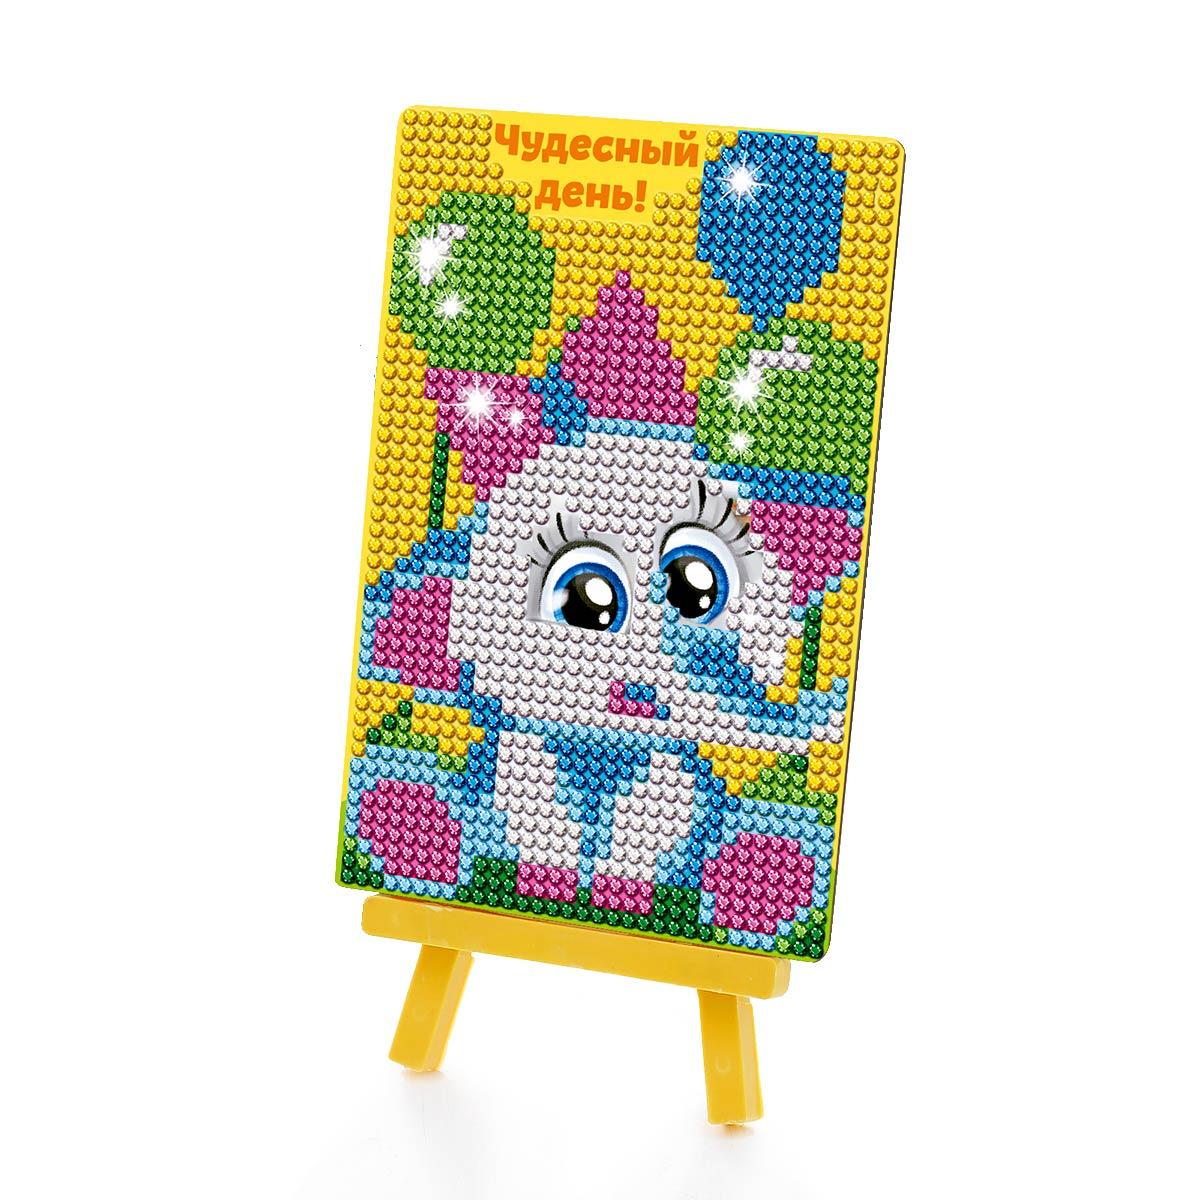 3572064 Алмазная мозаика для детей 'Чудесный день!'+ емкость, стержень с клеевой подушечкой